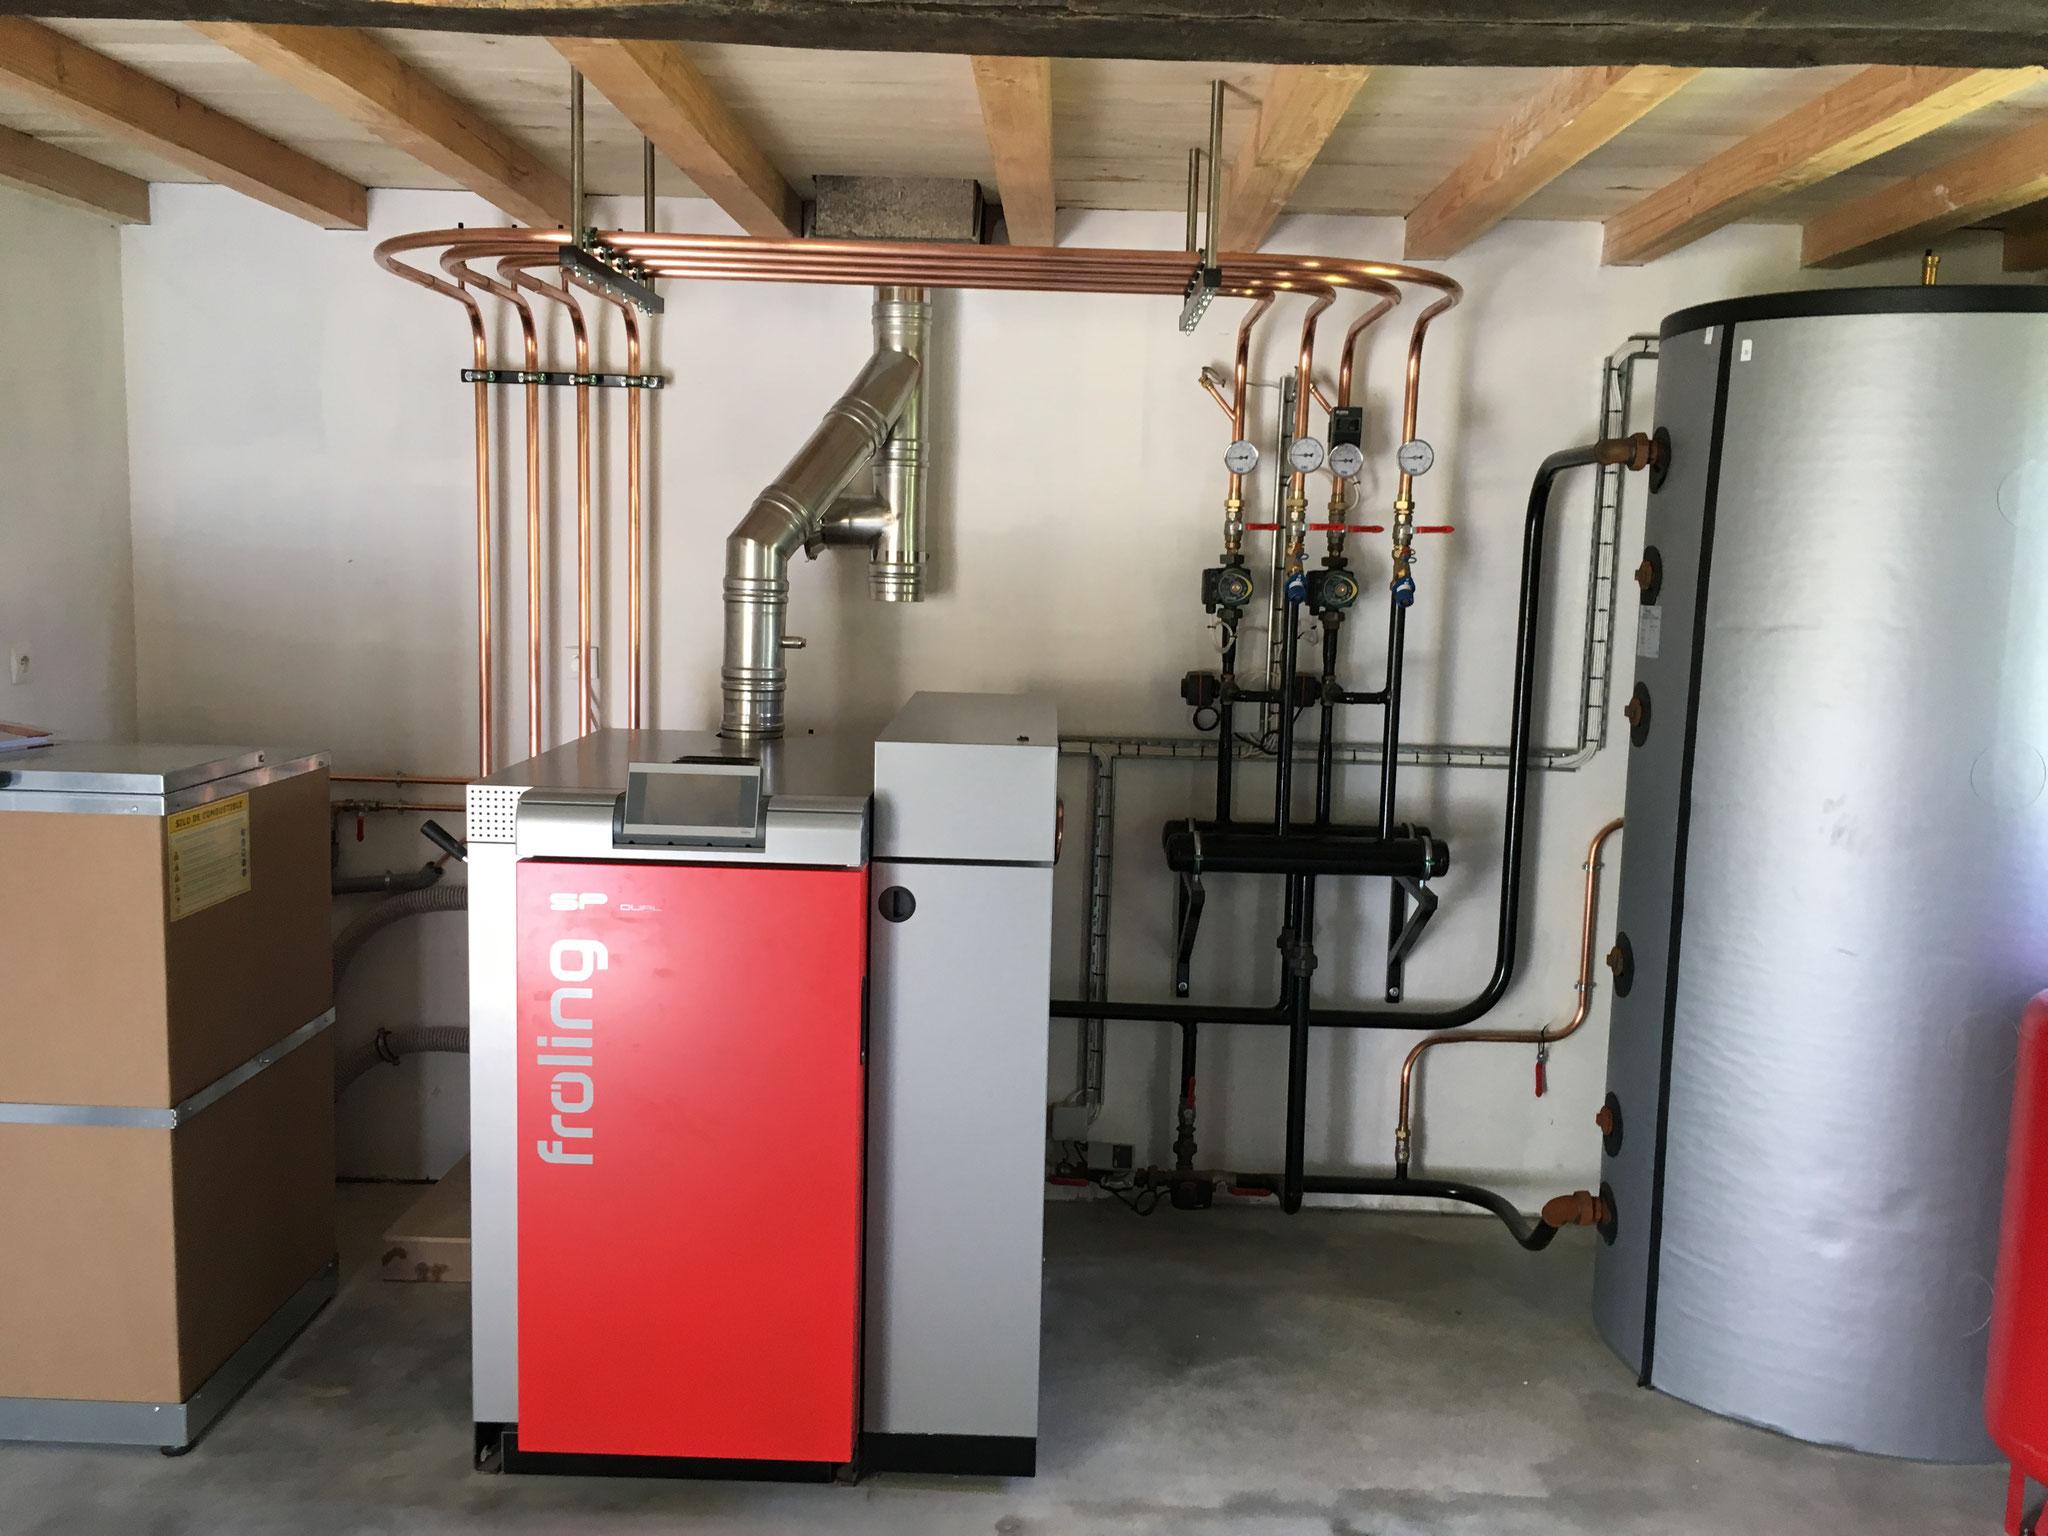 Installation chaudière FROLING SP Dual (bois bûche et granulés) - Travail de réception d'un compagnon Plombier - chauffagiste de l'entreprise